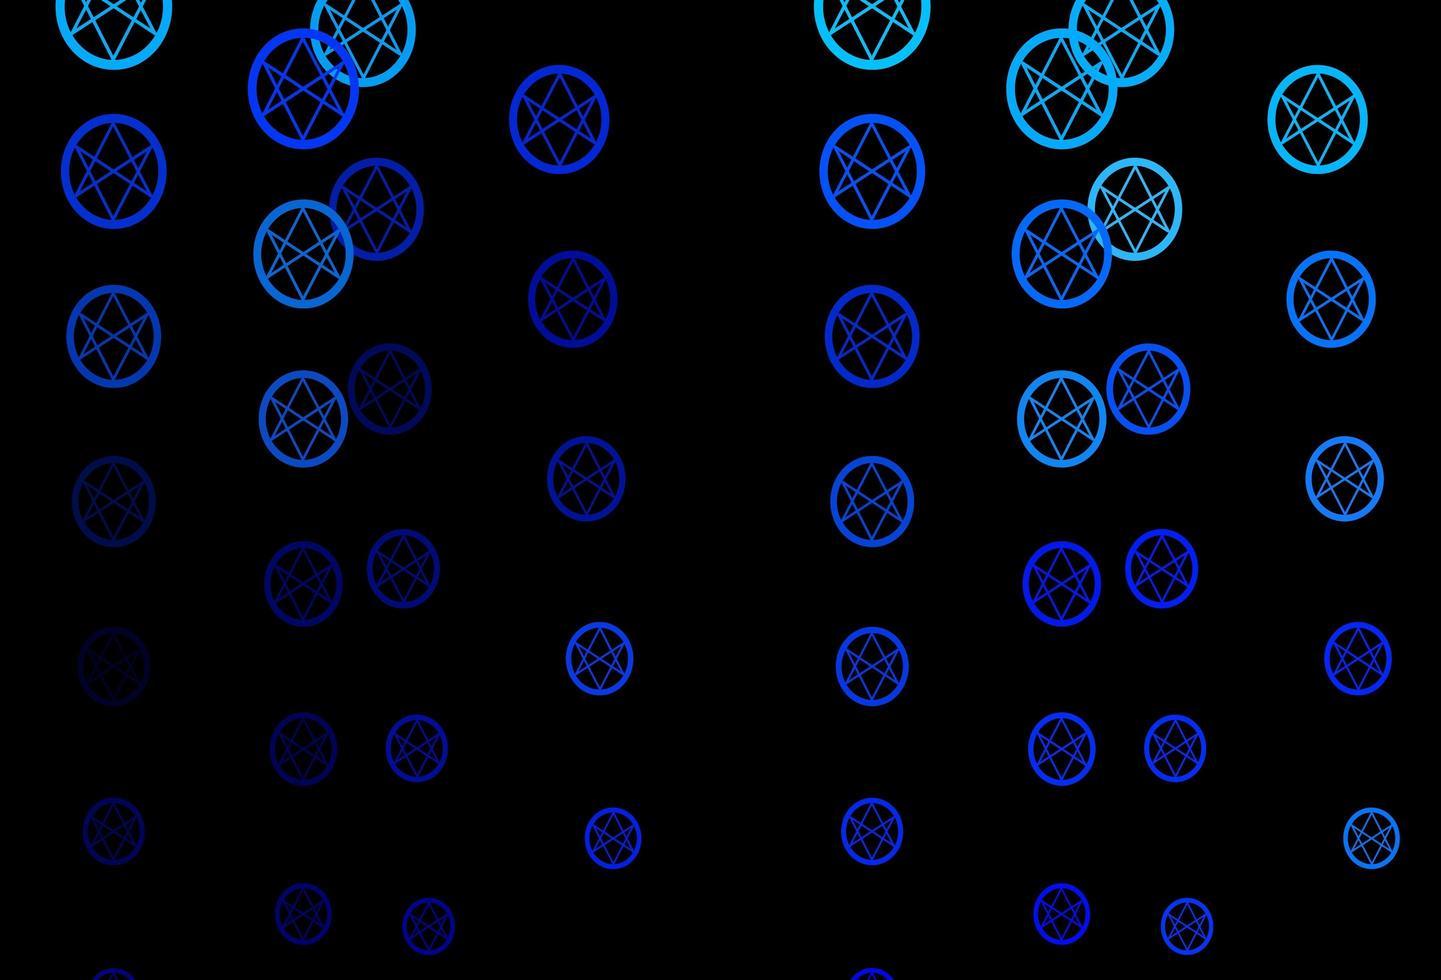 modello vettoriale blu scuro con elementi magici.